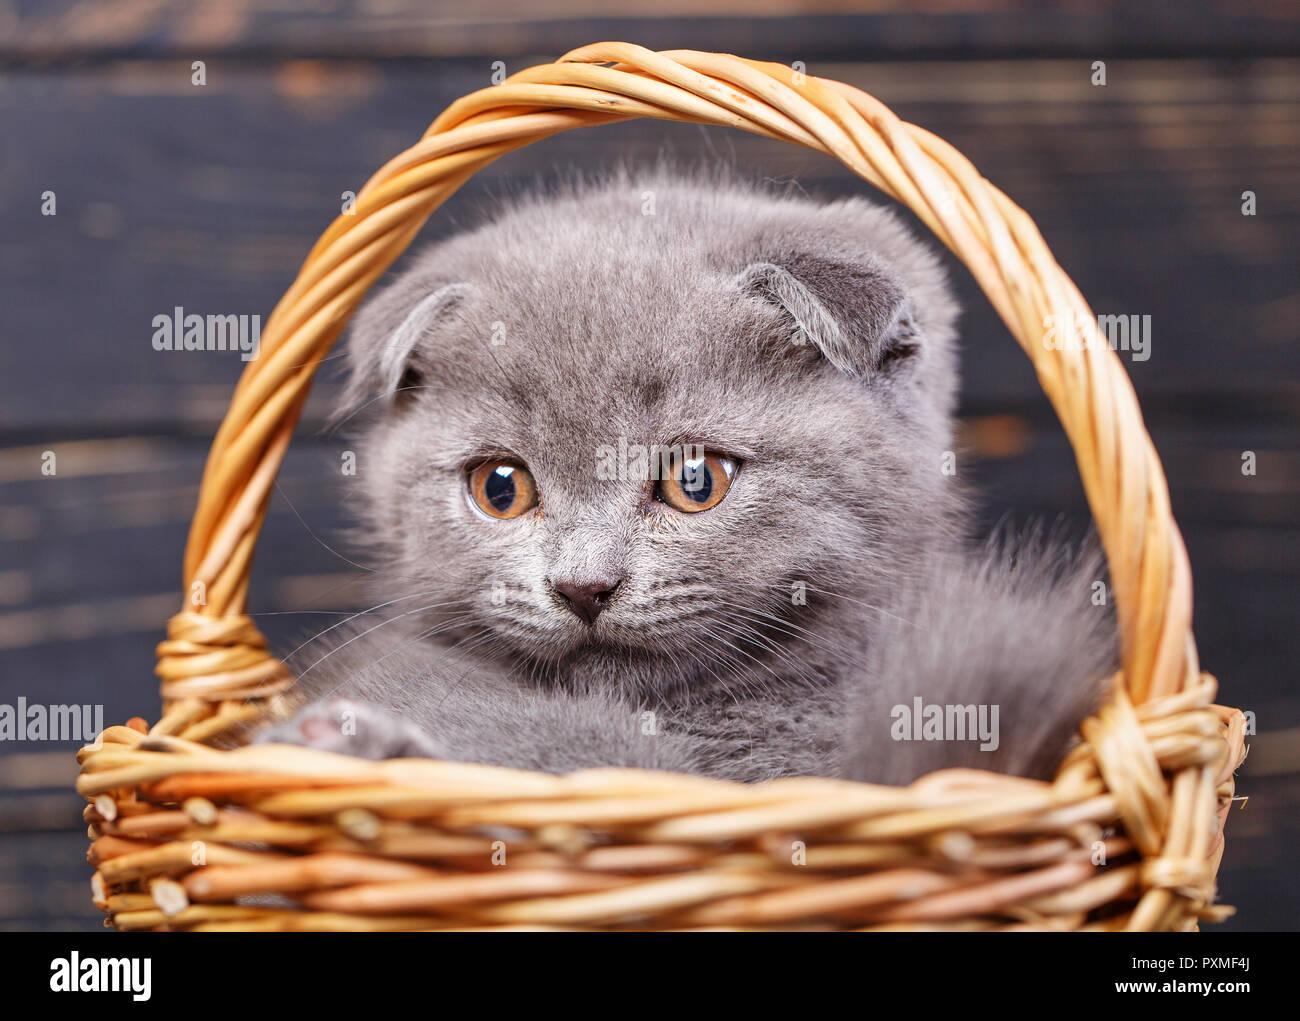 Scottish fold kitten. Gray kitten on photo studio. Funny gray kitten in the basket. The kitten looks to the left. Photographing a kitten at a photo st - Stock Image